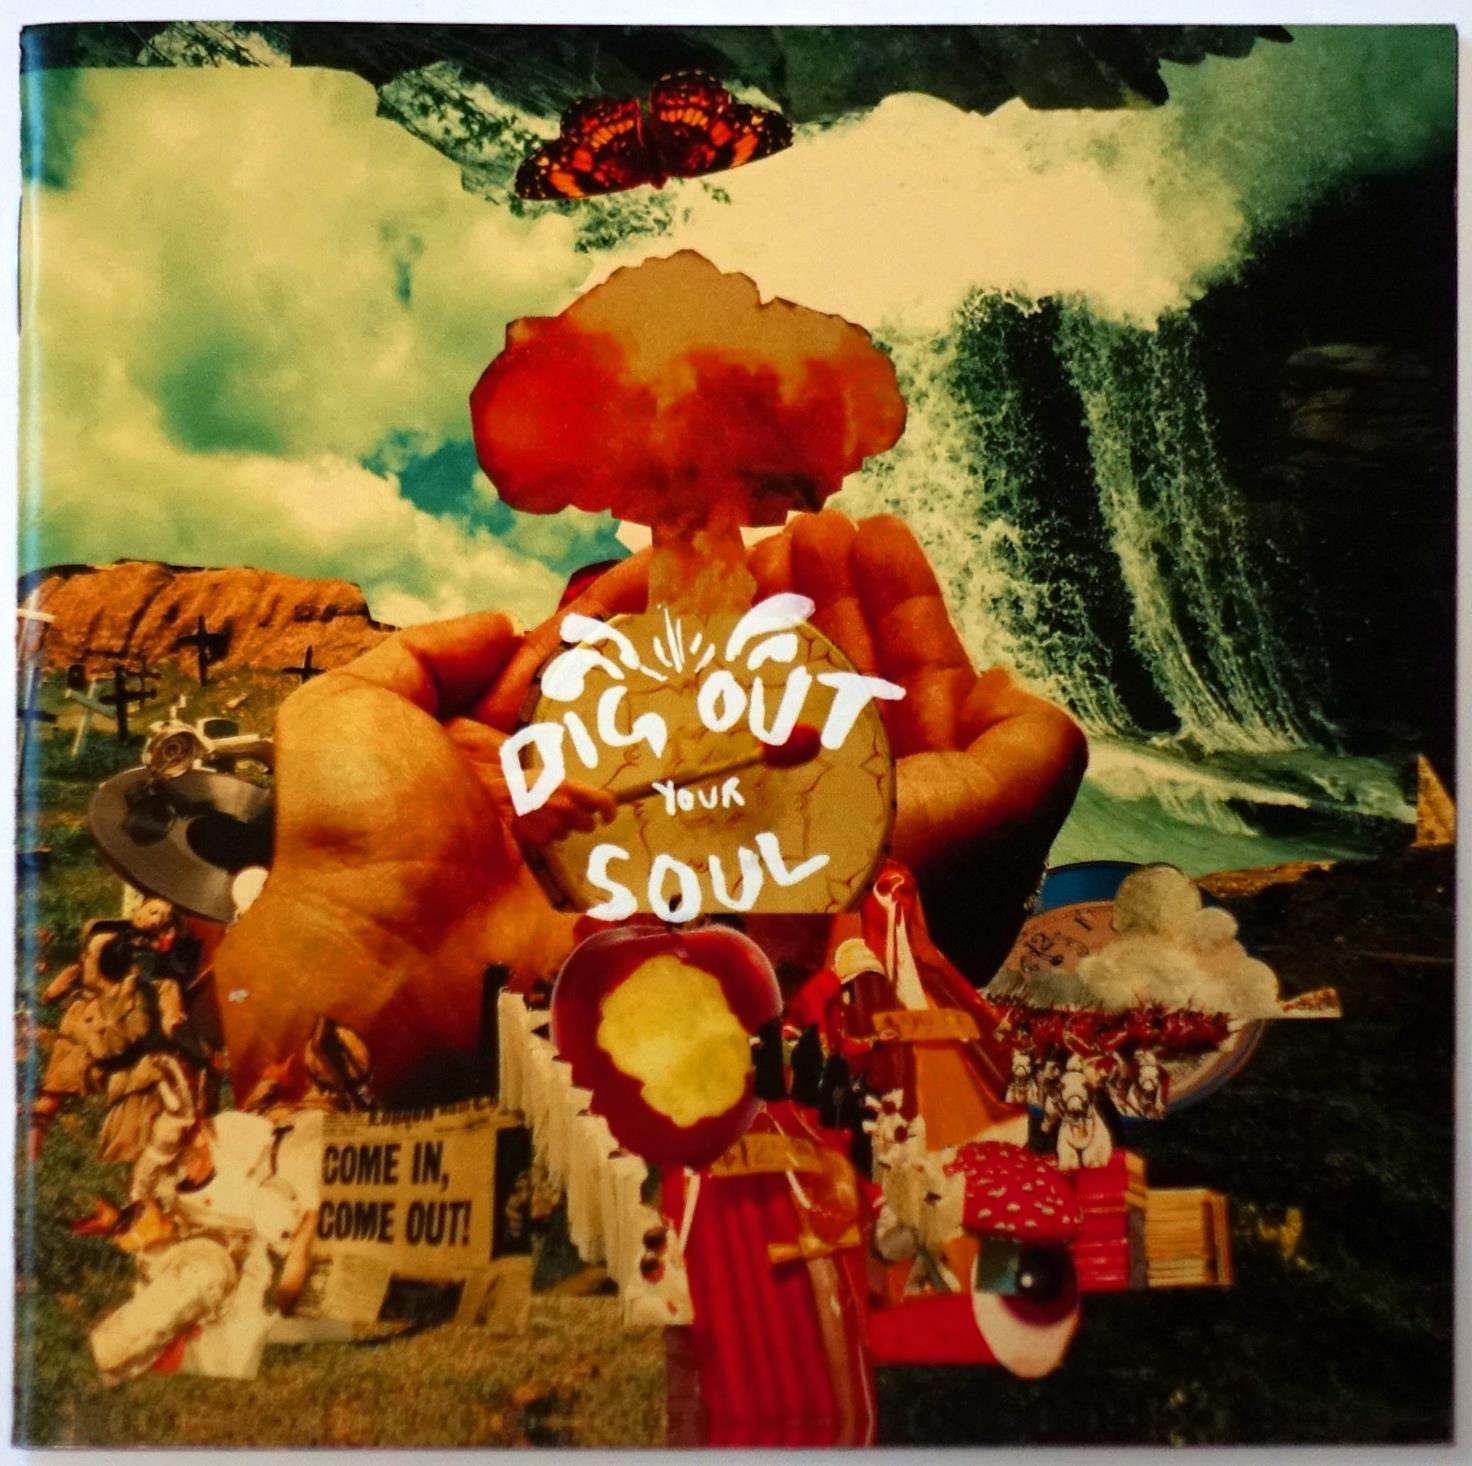 ザックが参加したオアシスのアルバム『ディグ・アウト・ユア・ソウル』。